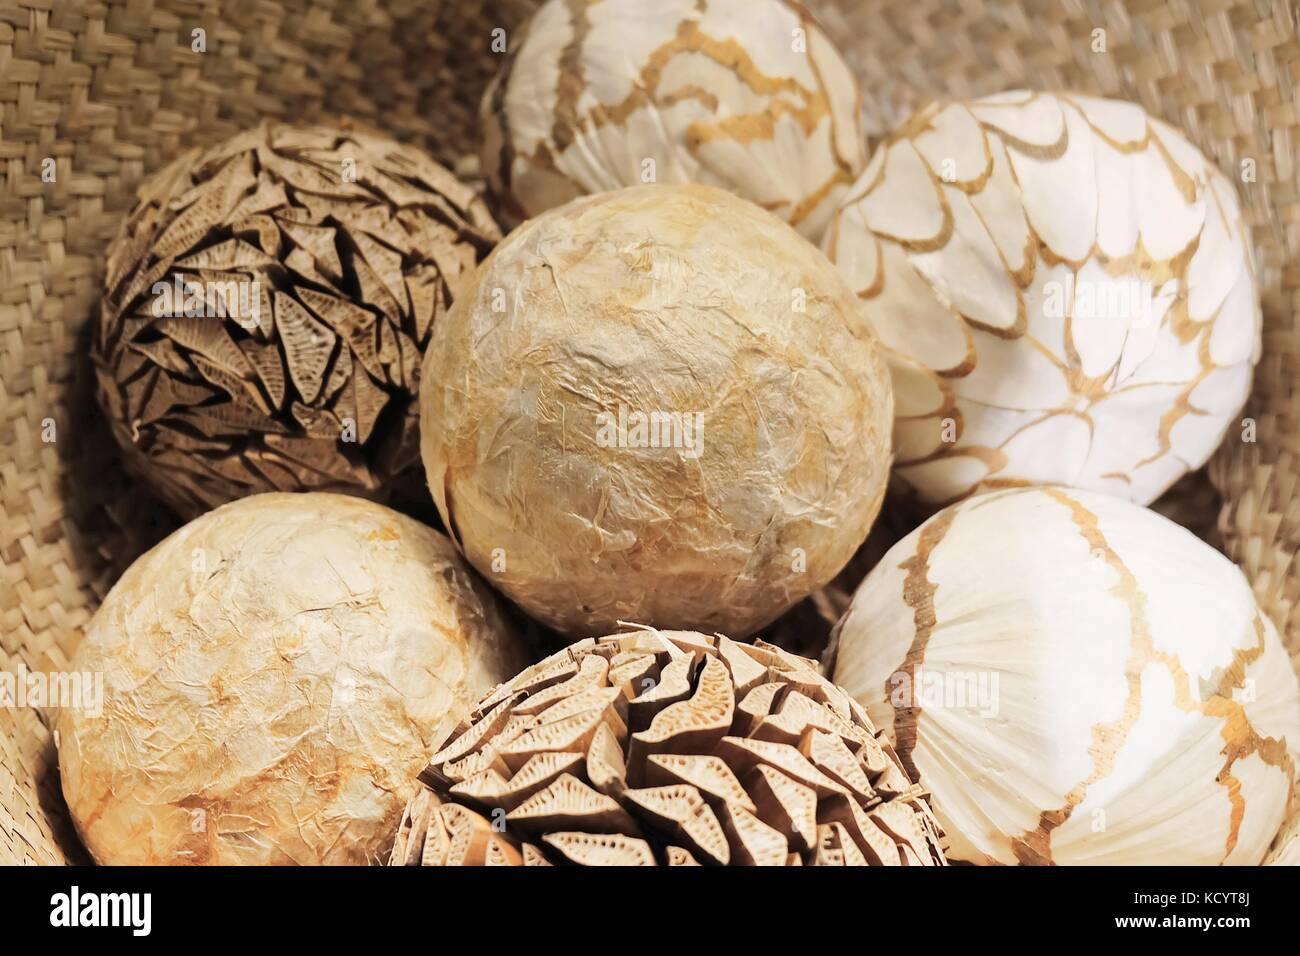 Home Decor Close Up Of Ornamental Decorative Balls In A Woven Stock